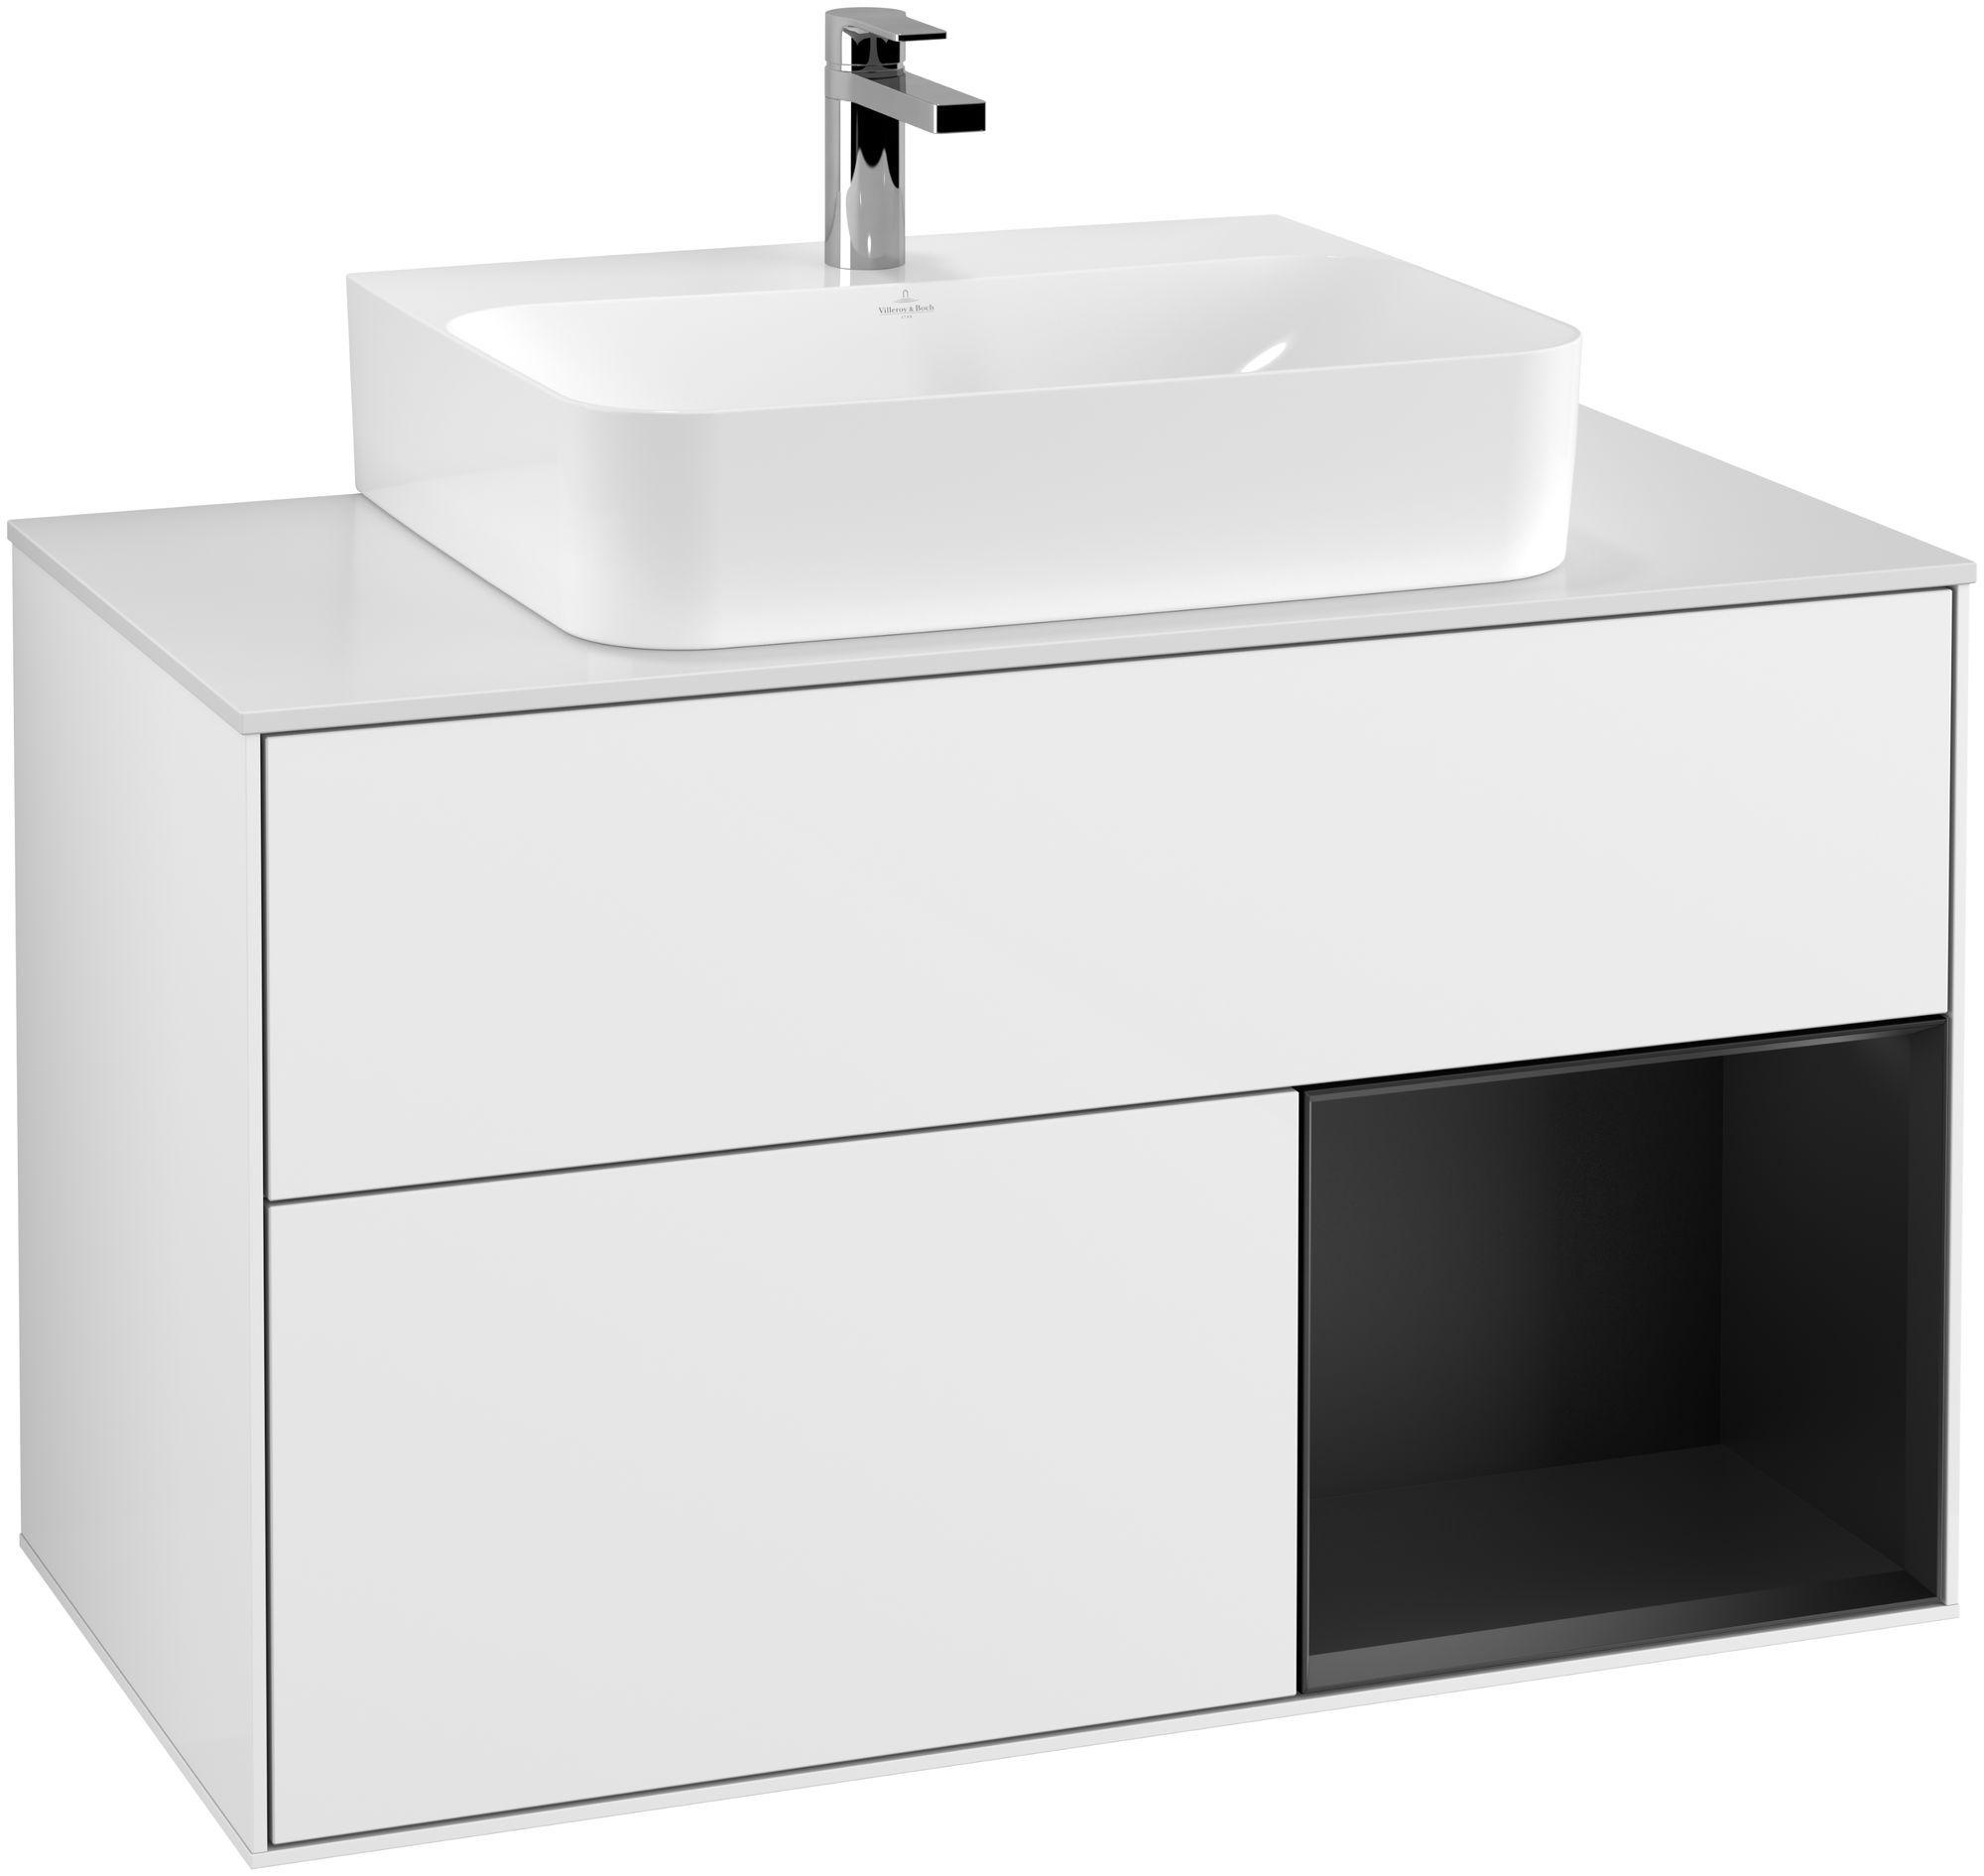 Villeroy & Boch Finion G12 Waschtischunterschrank mit Regalelement 2 Auszüge für WT mittig LED-Beleuchtung B:100xH:60,3xT:50,1cm Front, Korpus: Glossy White Lack, Regal: Black Matt Lacquer, Glasplatte: White Matt G121PDGF